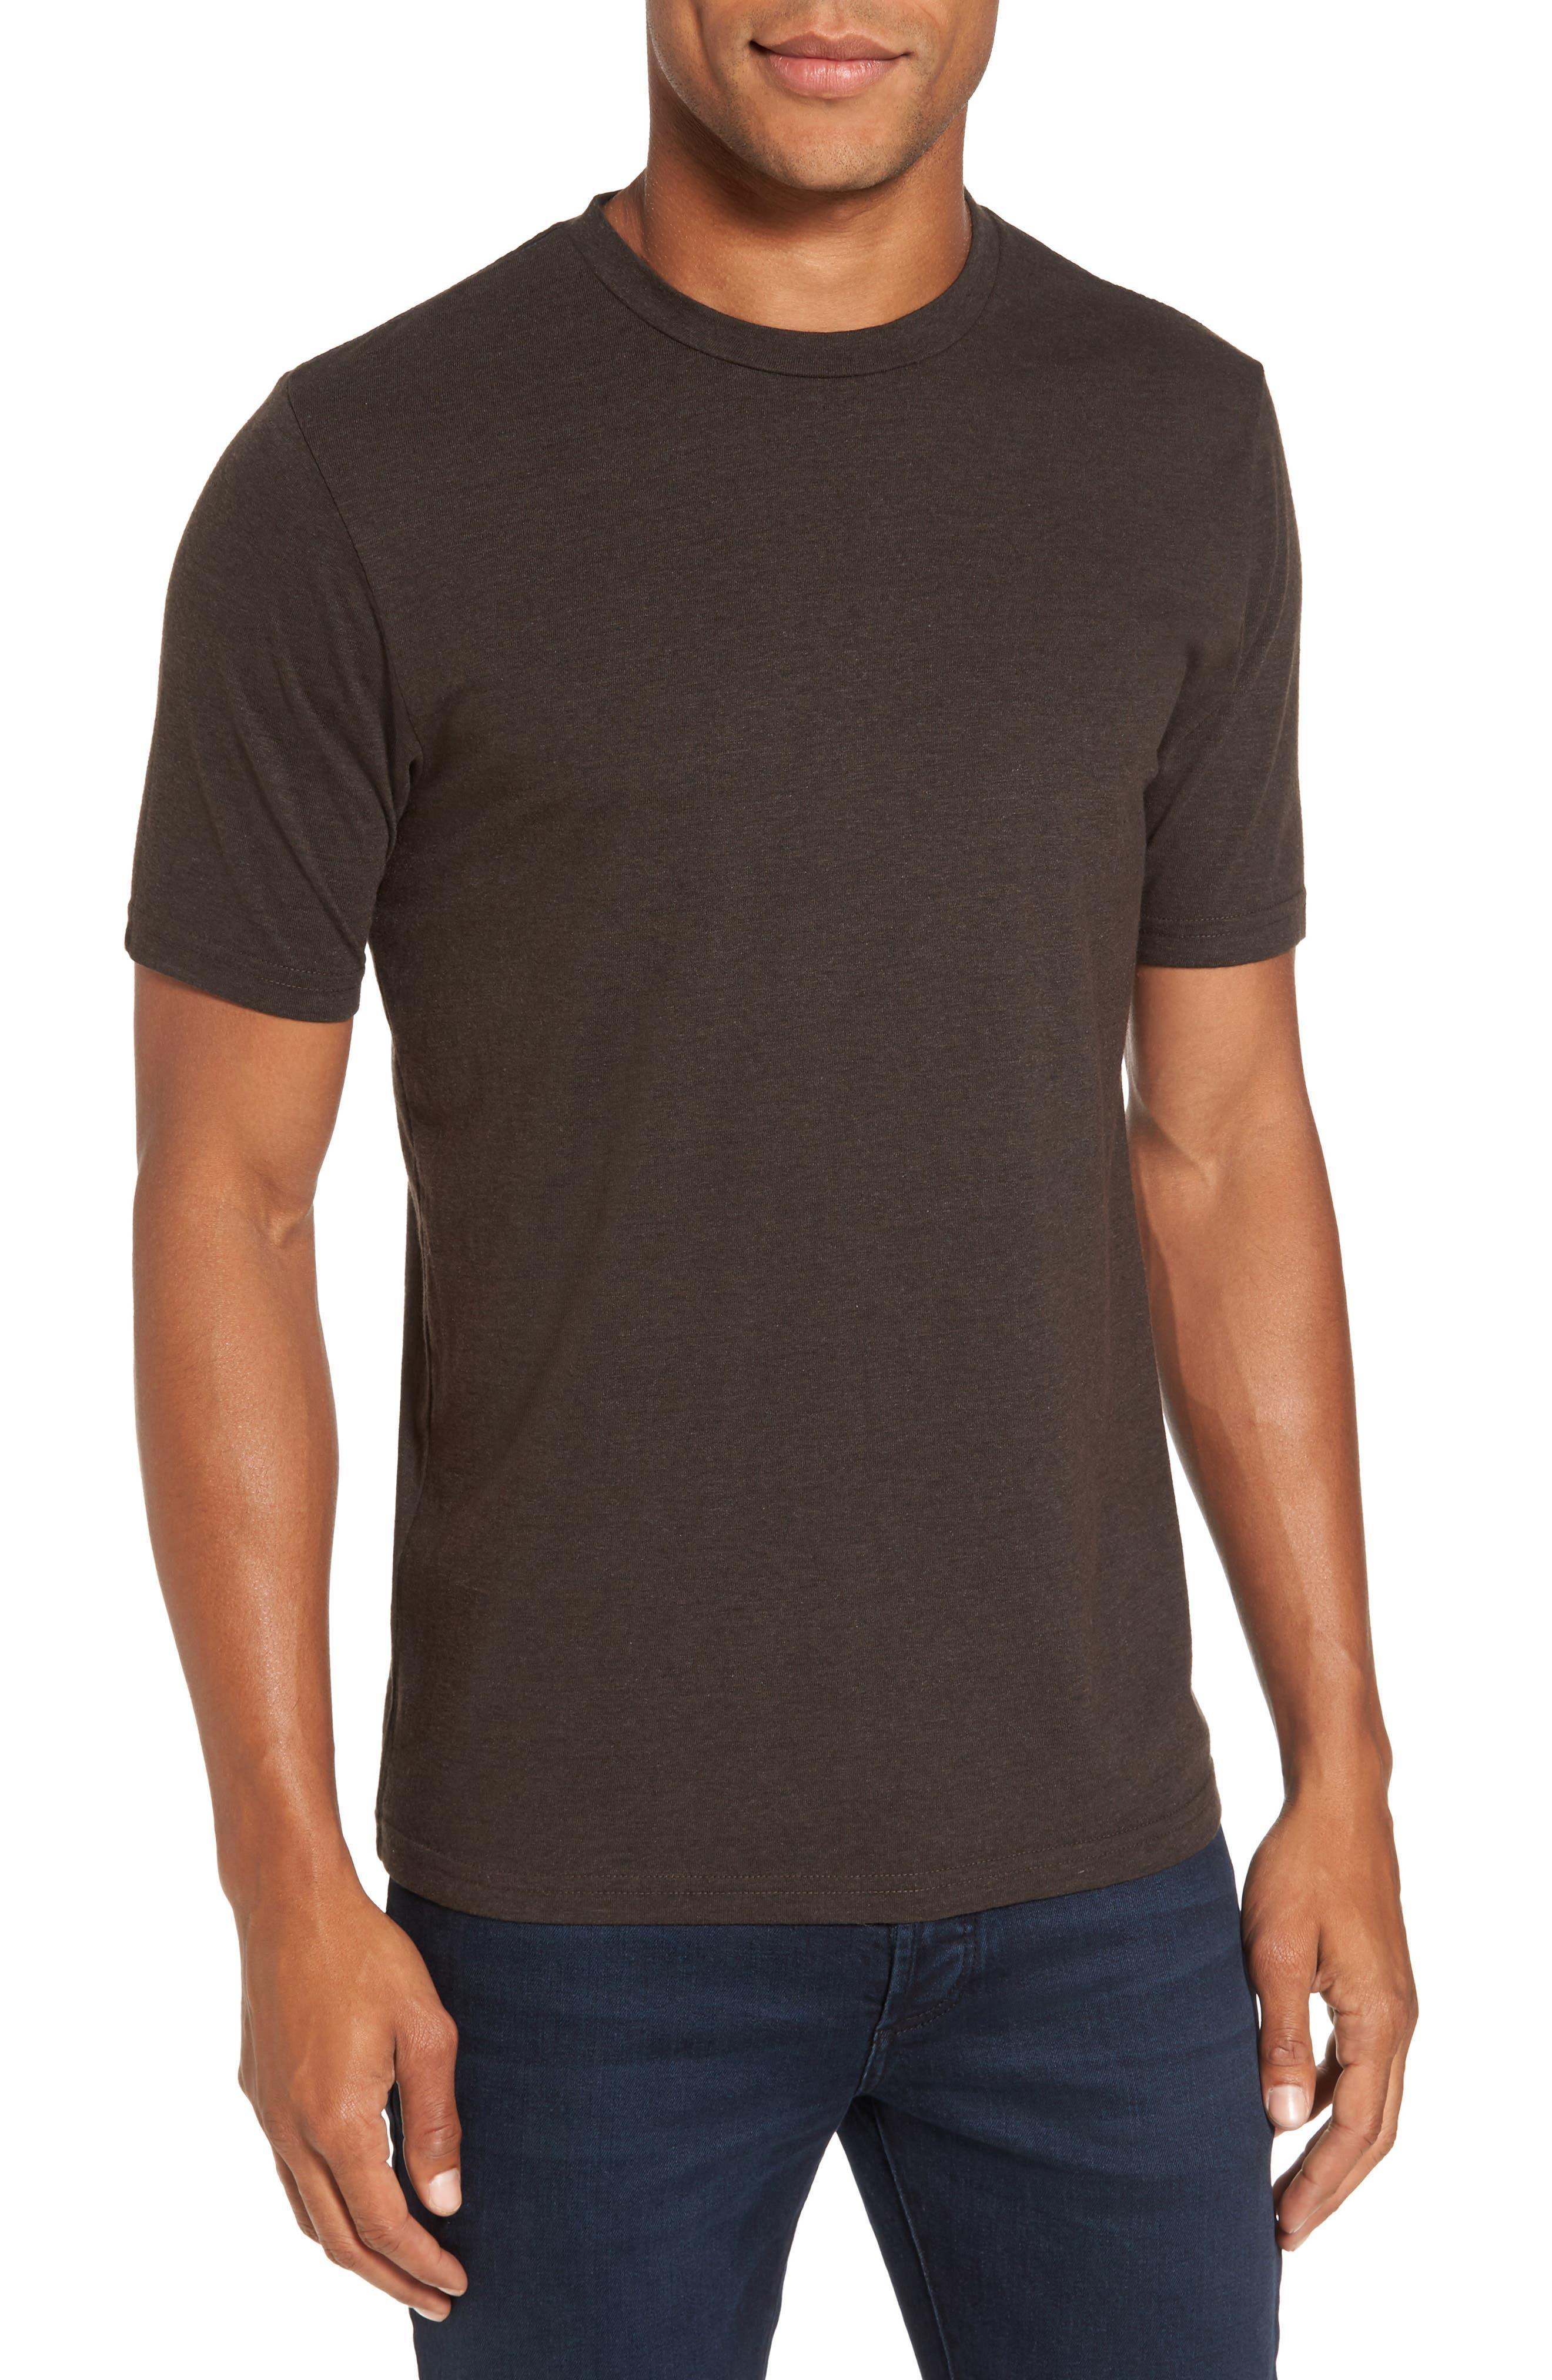 Goodlife Crewneck Heathered T-Shirt